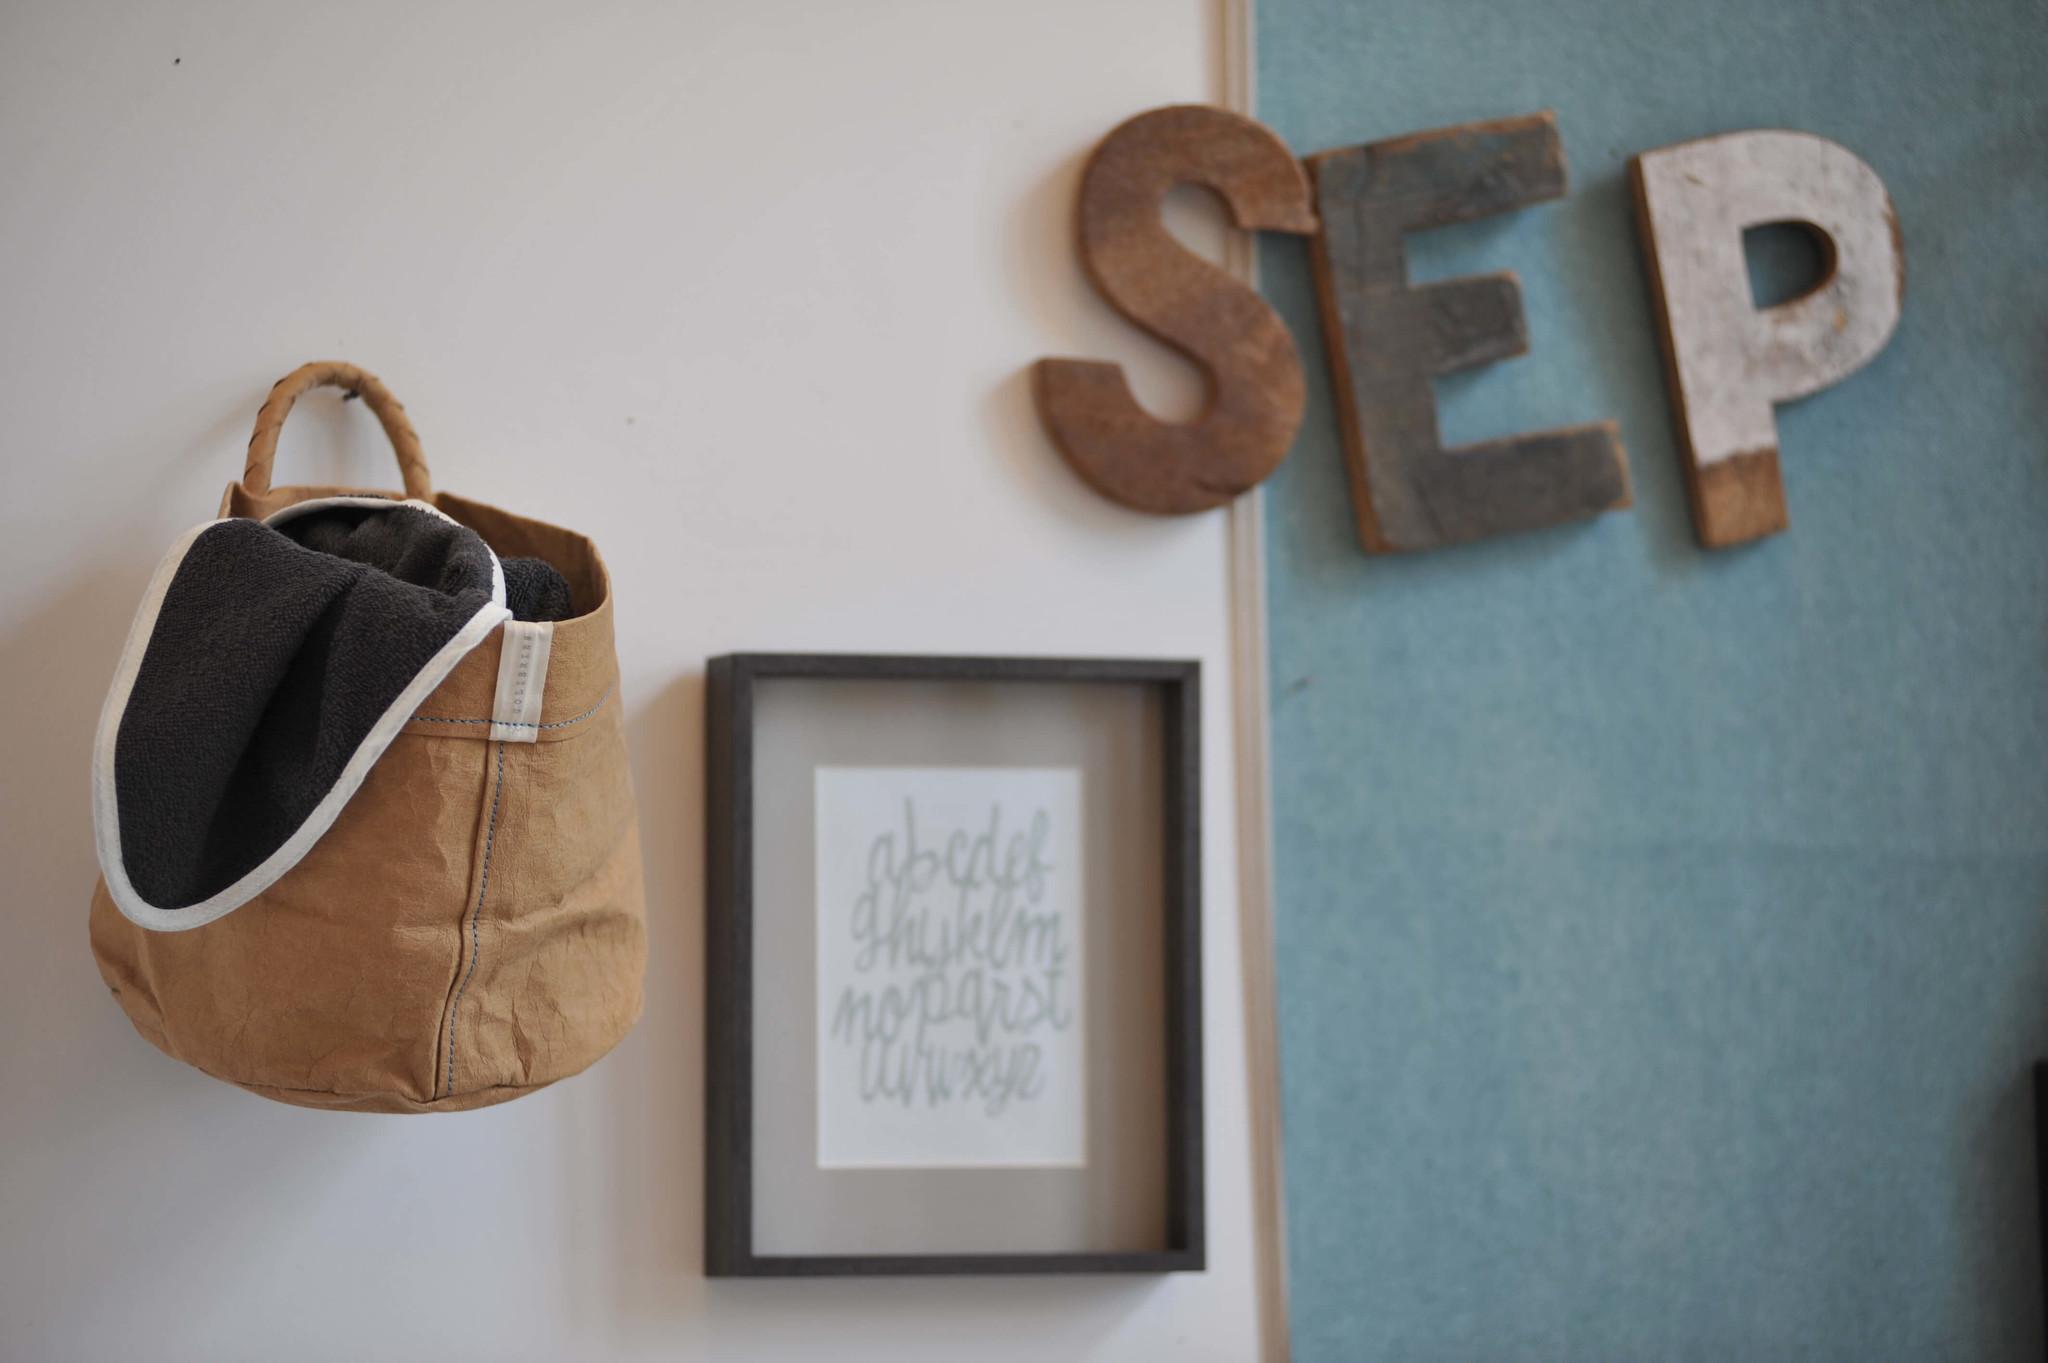 Colibries duurzame babykamer en kinderkamer decoratie leerlook maar gemaakt van wasbaar papier